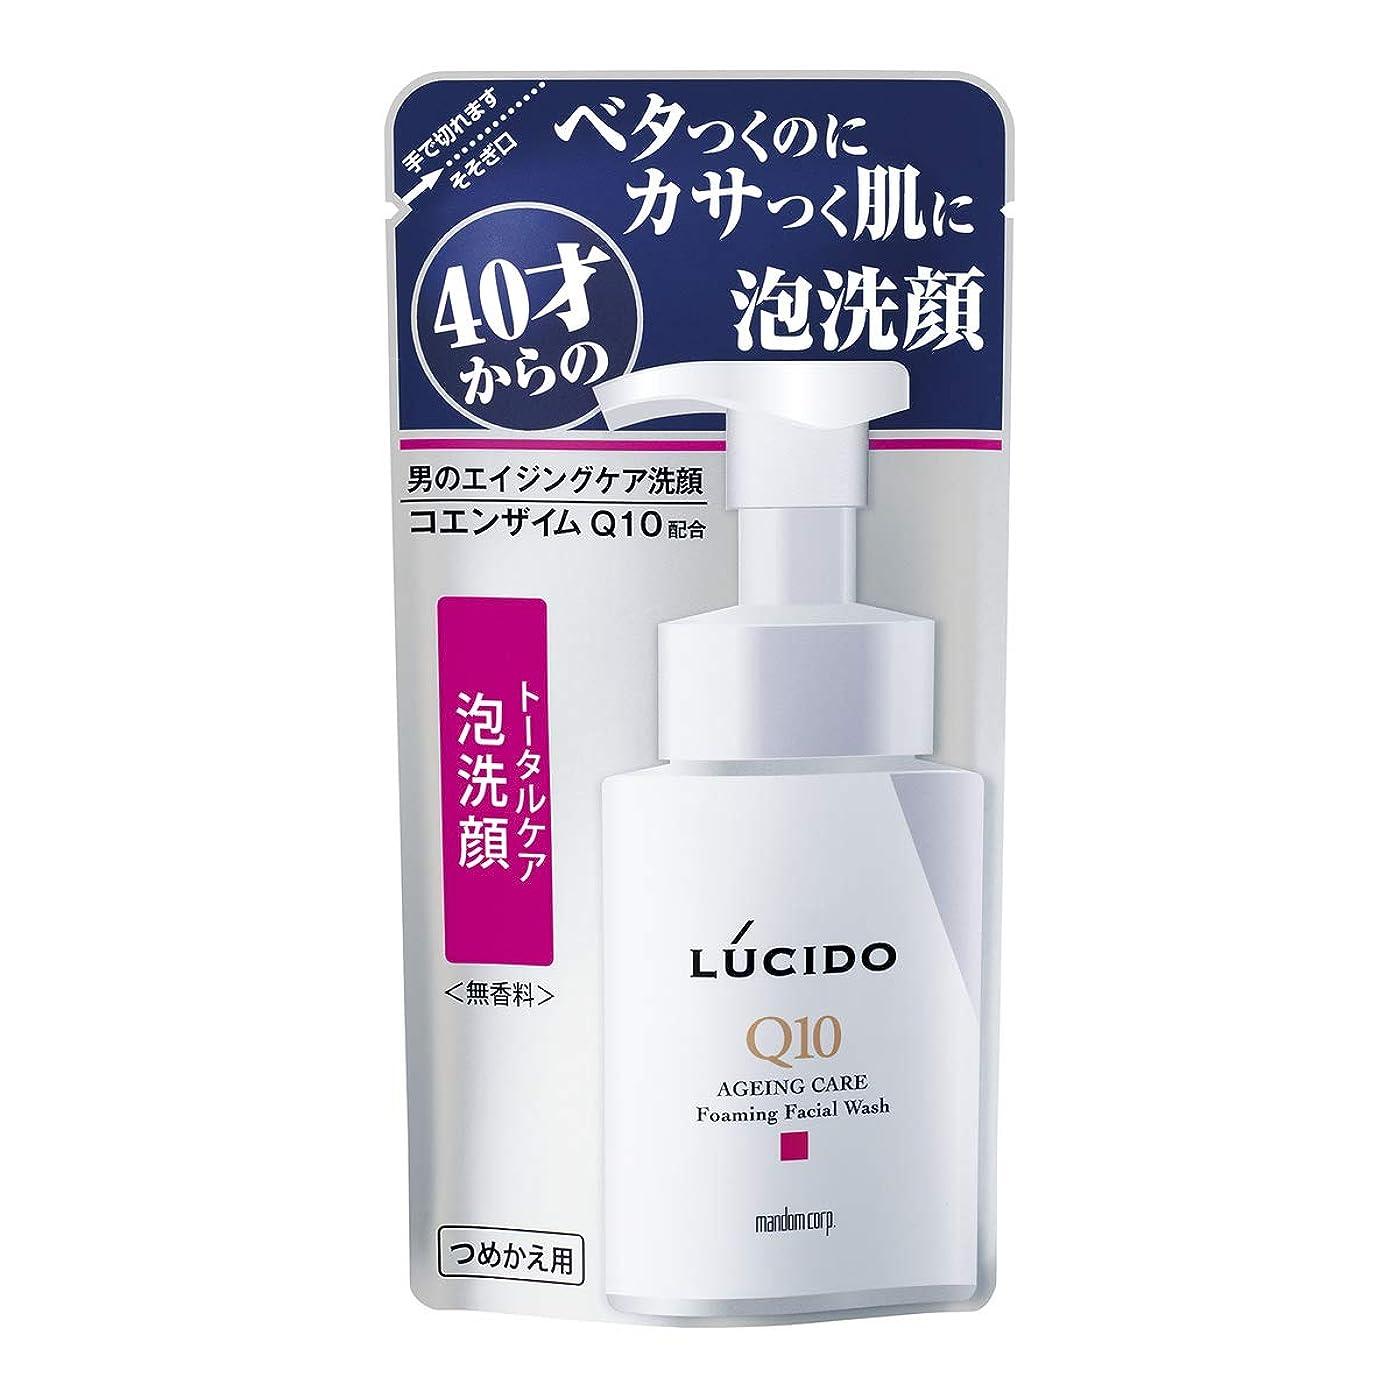 ブランチダイヤル更新LUCIDO(ルシード) トータルケア泡洗顔 つめかえ用 Q10 130mL